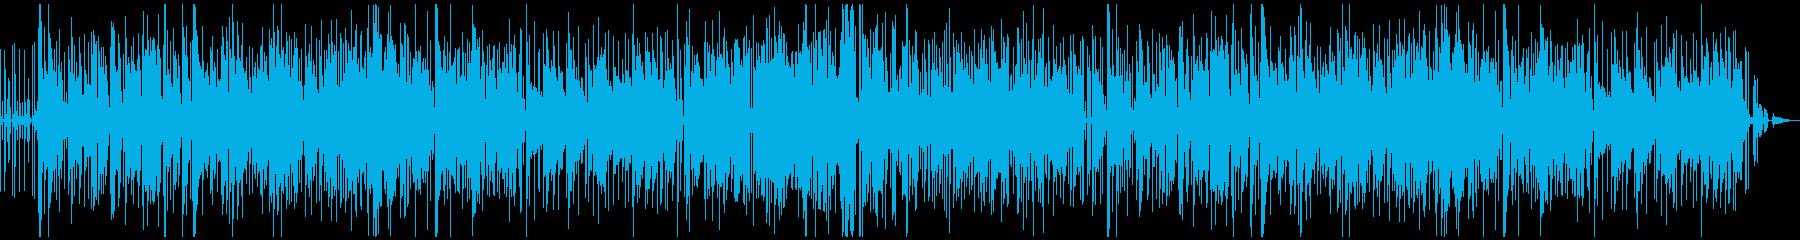 インストゥルメンタル、ベース、ロー...の再生済みの波形